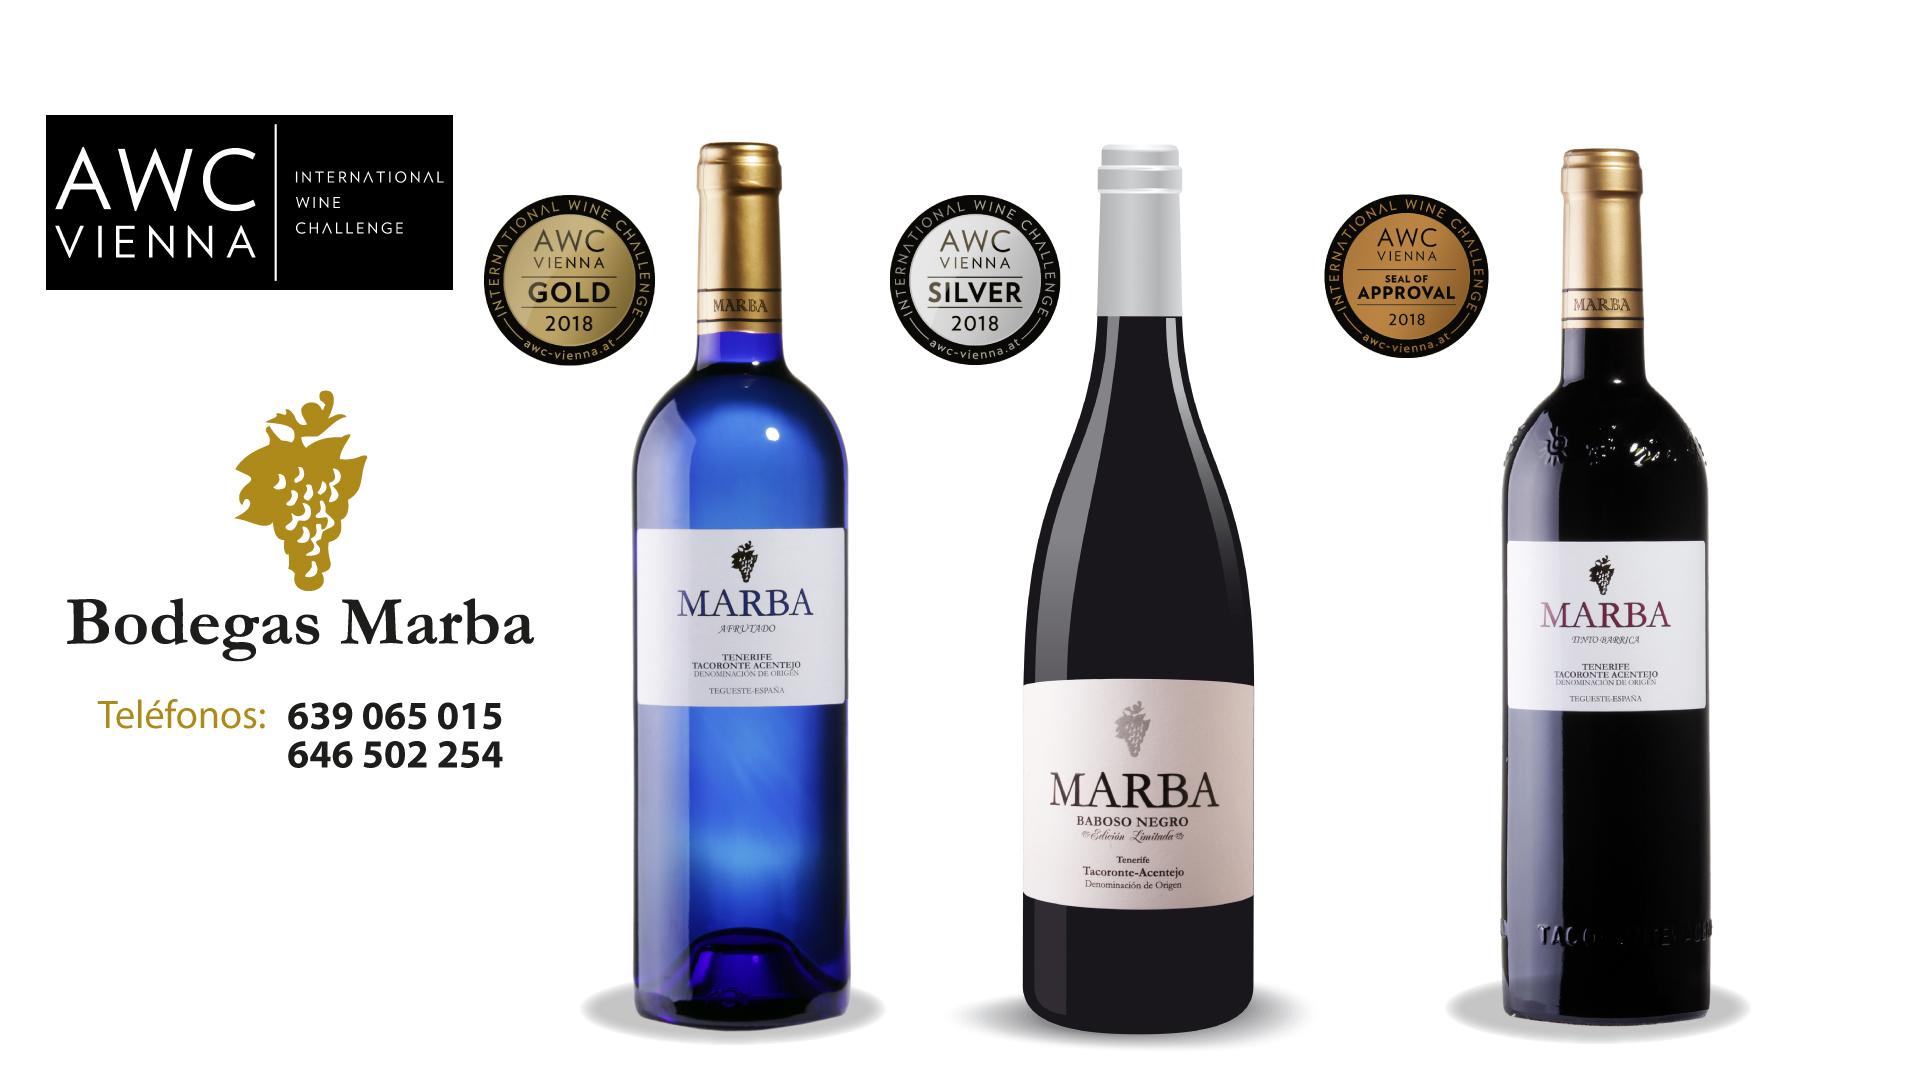 Bodegas Marba sigue cosechando premios; un oro, una plata y sello de aprobación en la AWC Vienna